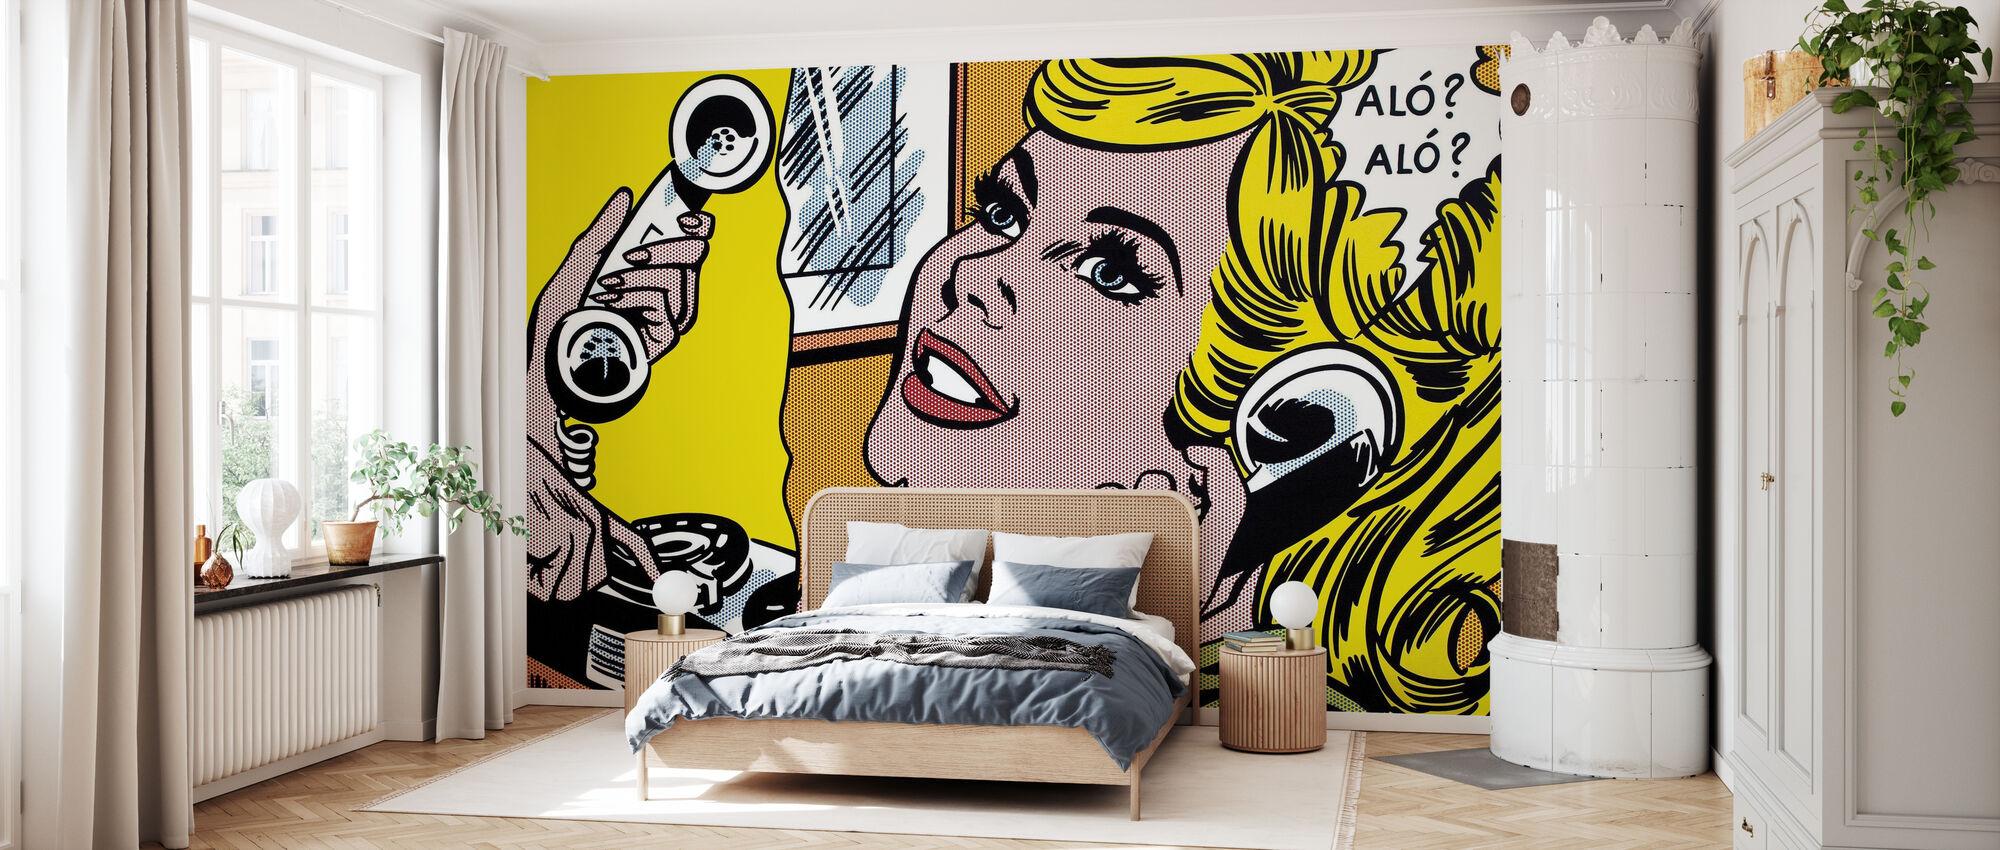 Hello - Wallpaper - Bedroom